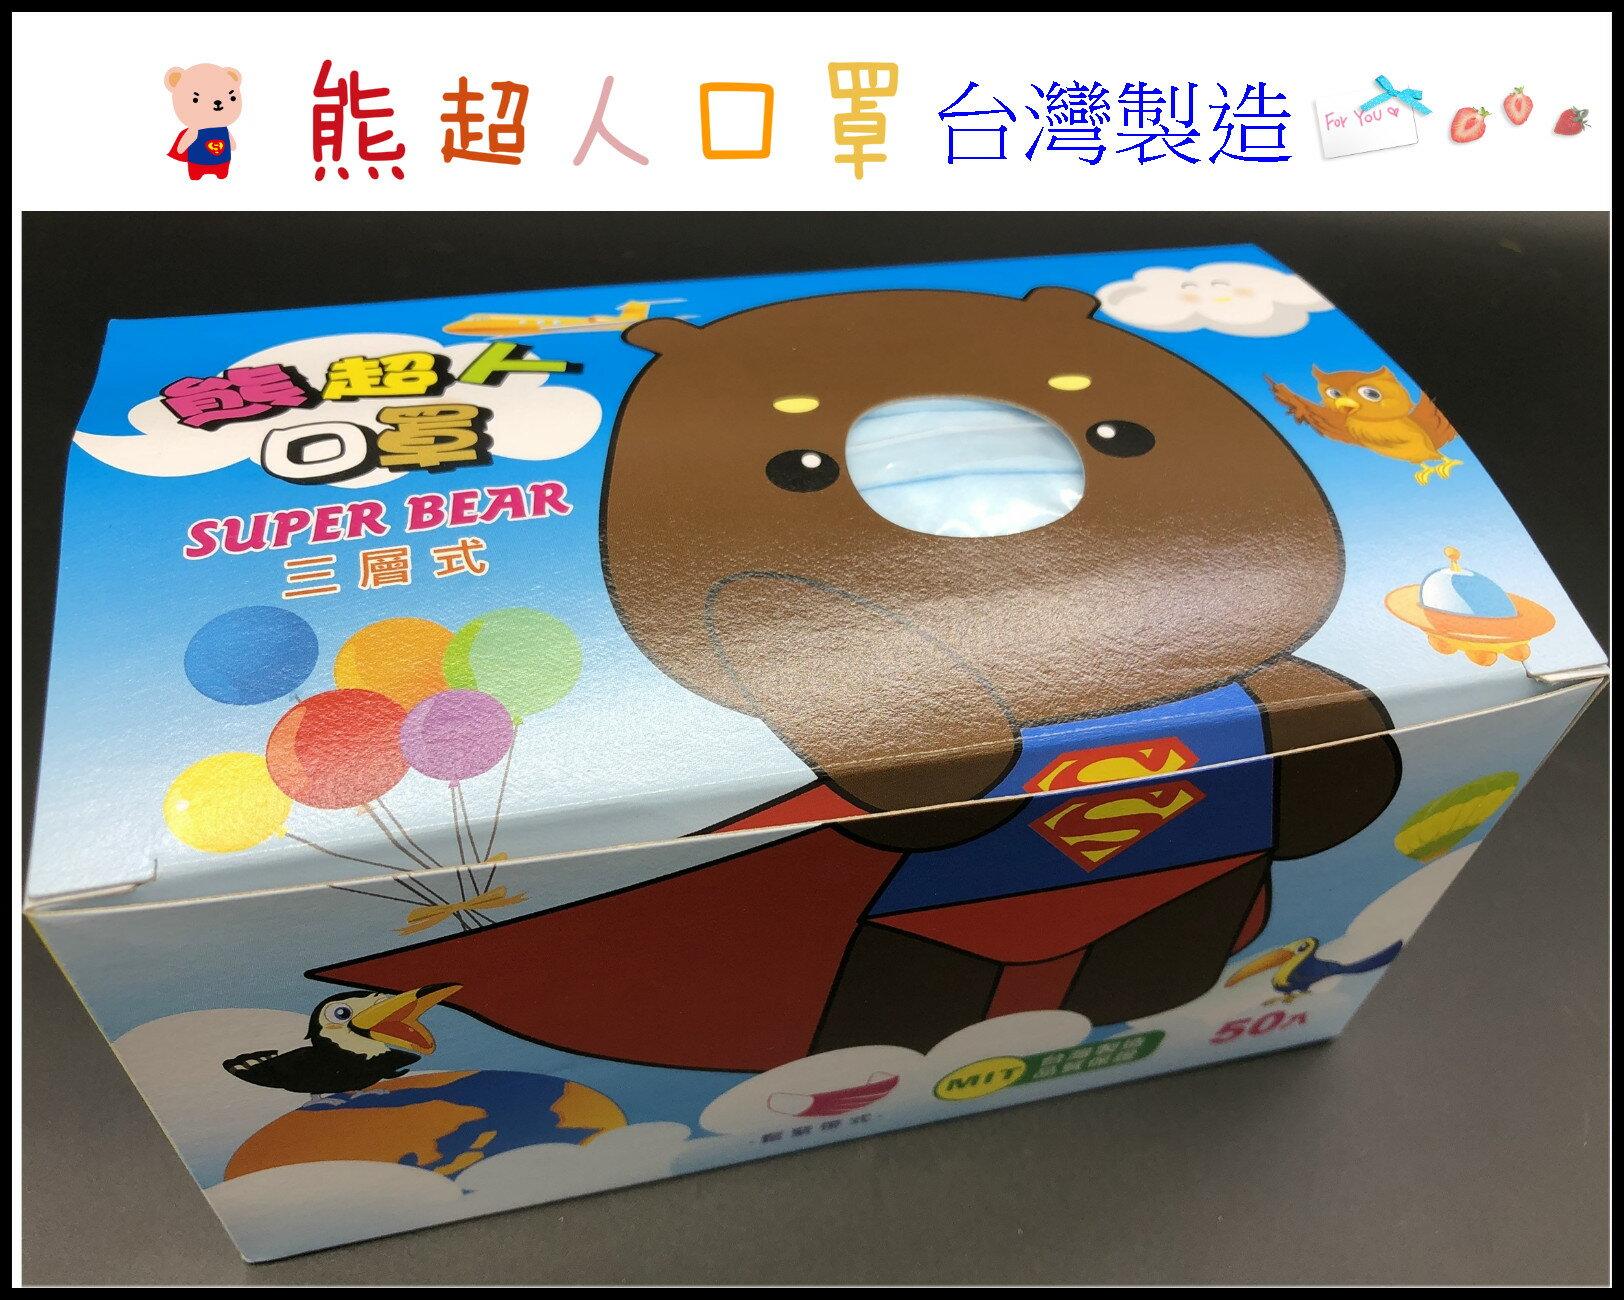 口罩 熊超人彩色三層不織布口罩 熊超人口罩 一盒50入 成人口罩  台灣製造 彩色三層不織布口罩 外出口罩 防風 防塵 機車口罩